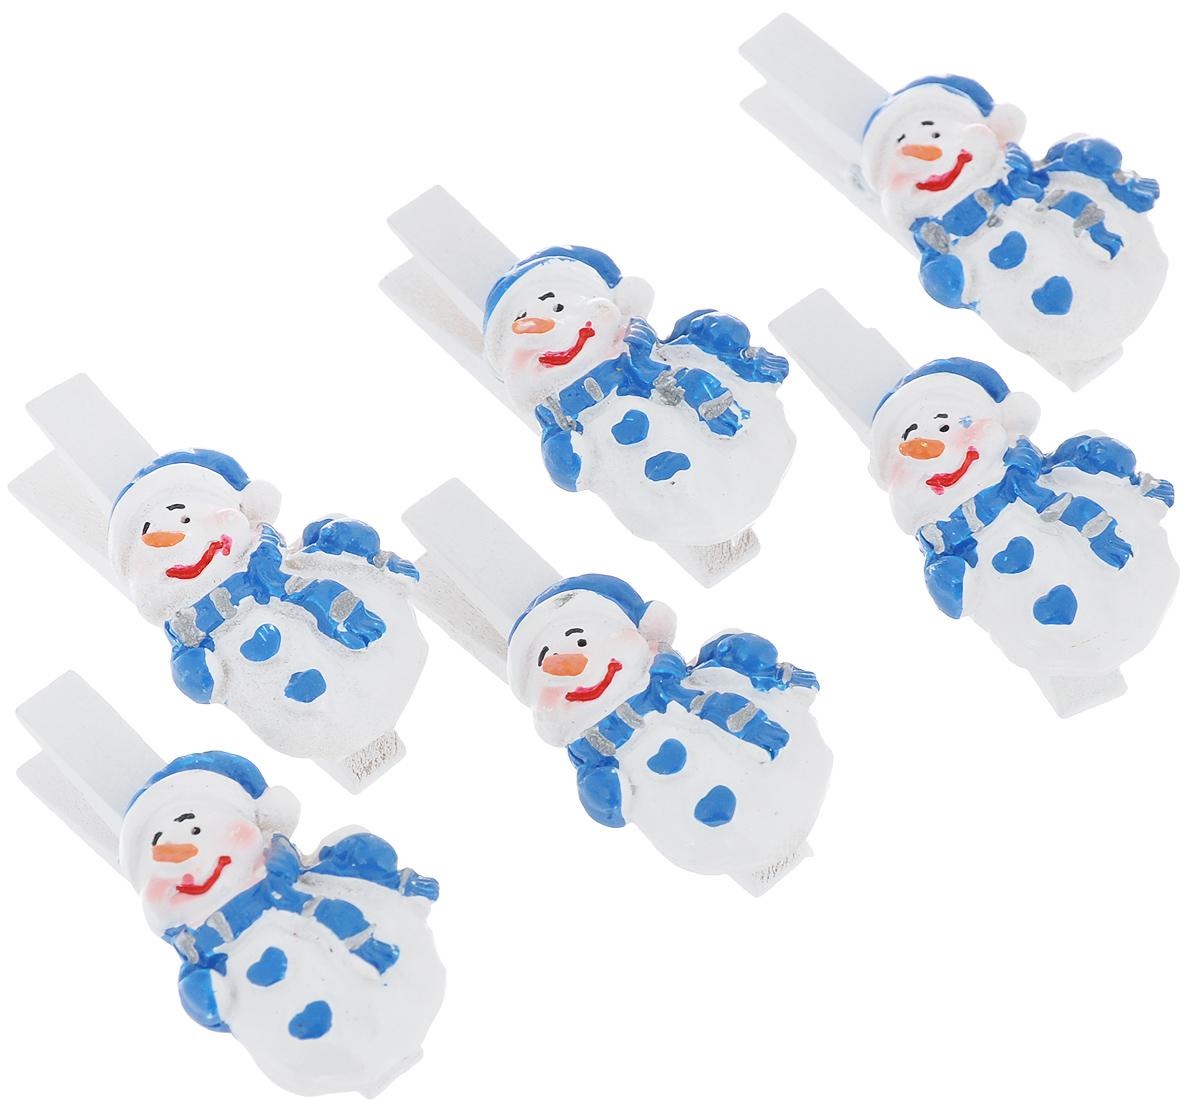 Набор декоративных прищепок Lunten Ranta Радостный снеговик, 6 шт63569Набор Lunten Ranta Радостный снеговик состоит из 6 декоративных прищепок, выполненных из дерева. Прищепки оформлены фигурками из полирезины в виде снеговиков. Изделия используются для развешивания стикеров на веревке, маленьких игрушек, а оригинальность и веселые цвета прищепок будут радовать глаз и поднимут настроение. Такой набор станет прекрасным дополнением к оформлению вашего интерьера. Длина прищепки: 4,5 см. Размер фигурки: 2,5 см х 3,5 см х 0,7 см.